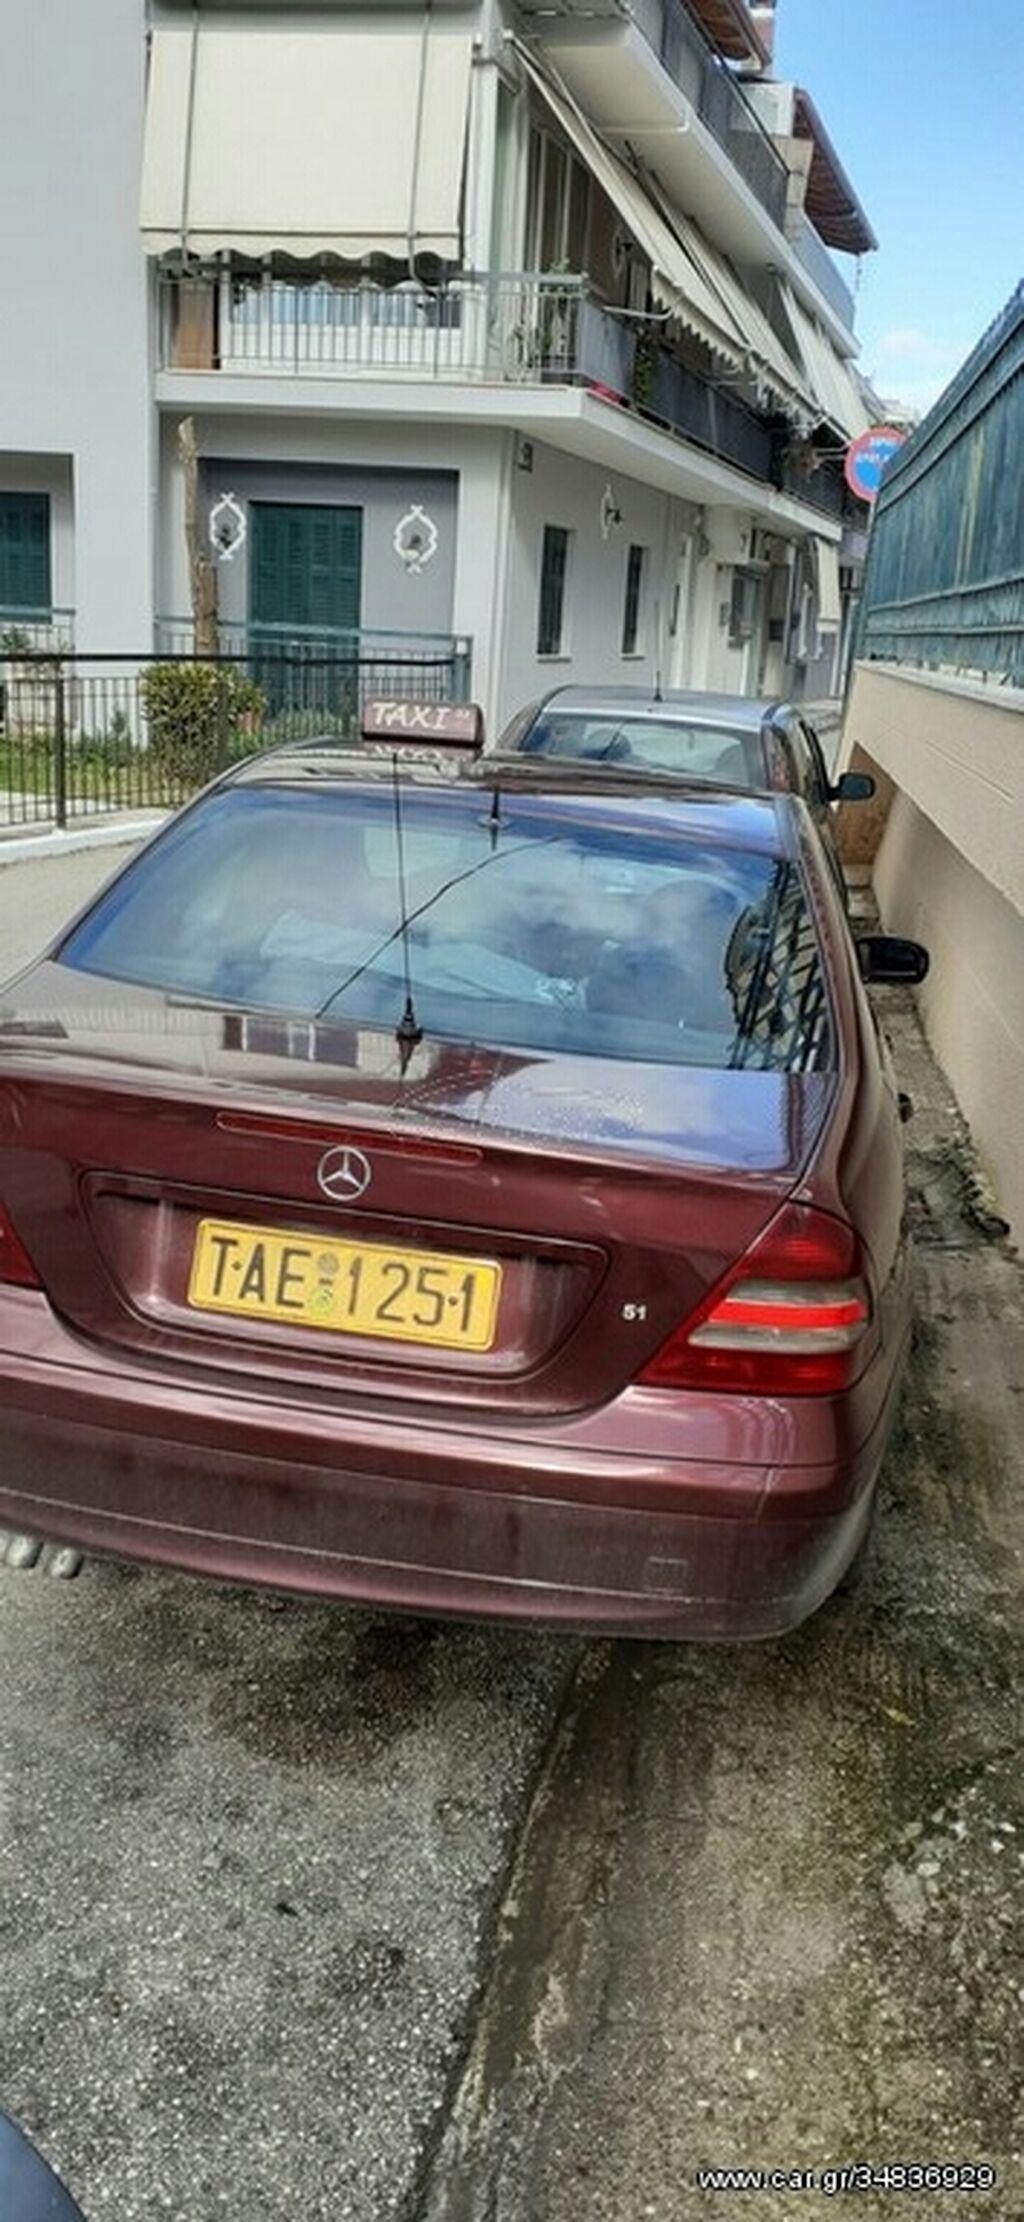 Mercedes-Benz C-Class 2.2 l. 2002 | 800000 km | η αγγελία δημοσιεύτηκε 18 Ιανουάριος 2021 12:44:35: Mercedes-Benz C-Class 2.2 l. 2002 | 800000 km